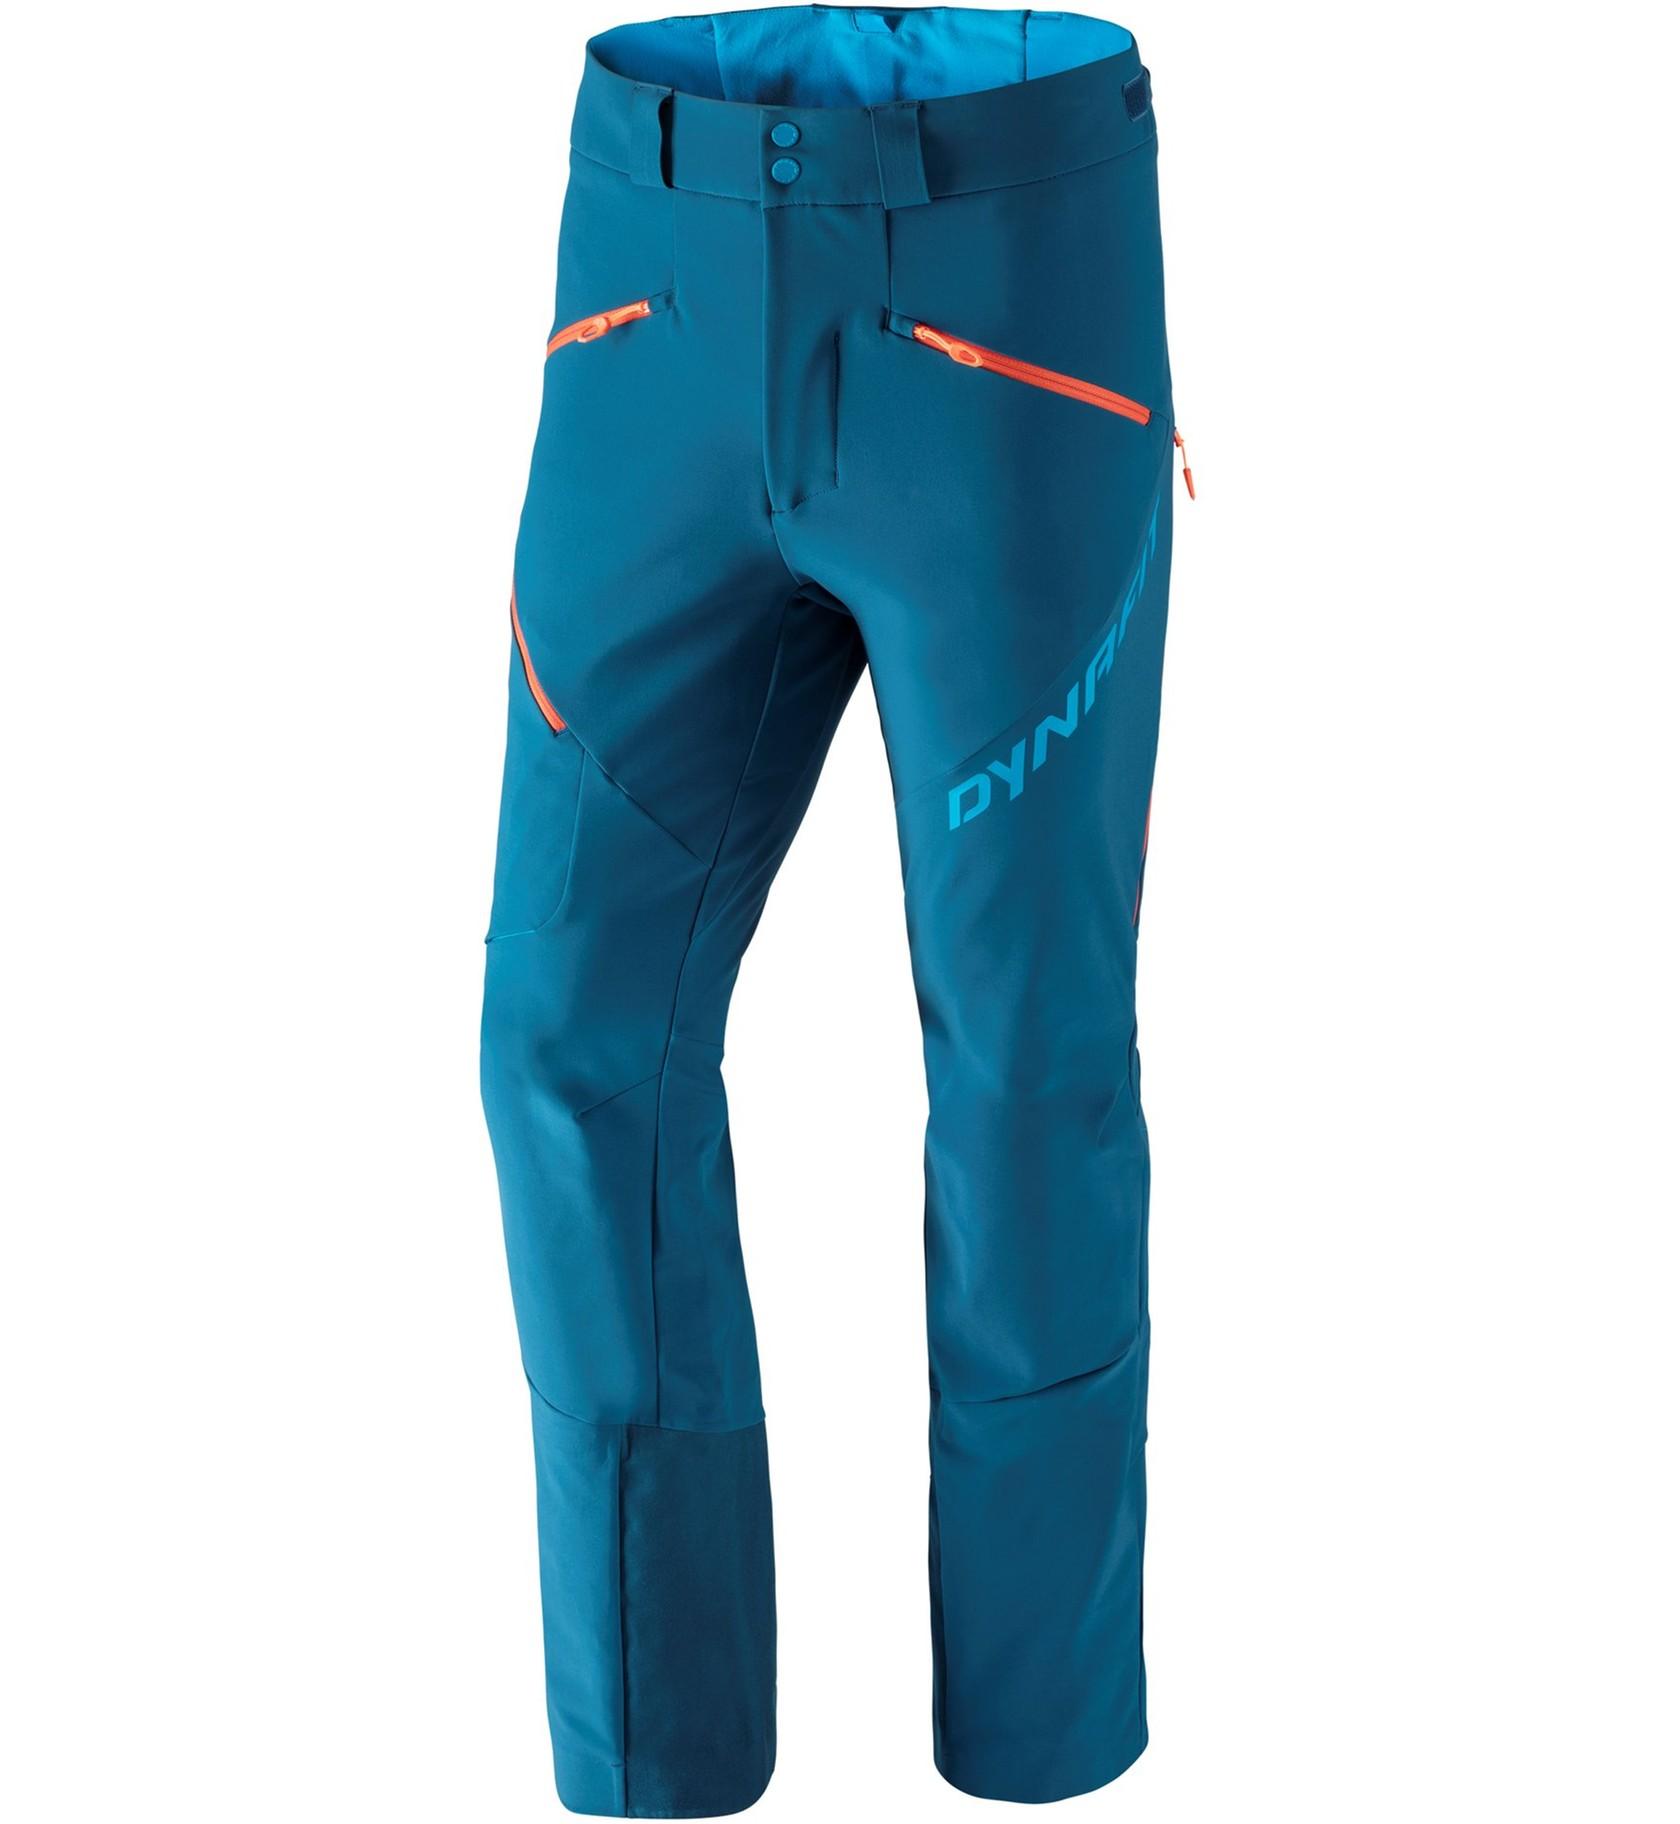 Dynafit Mercury Pro 2 - Skitourenhose - Herren